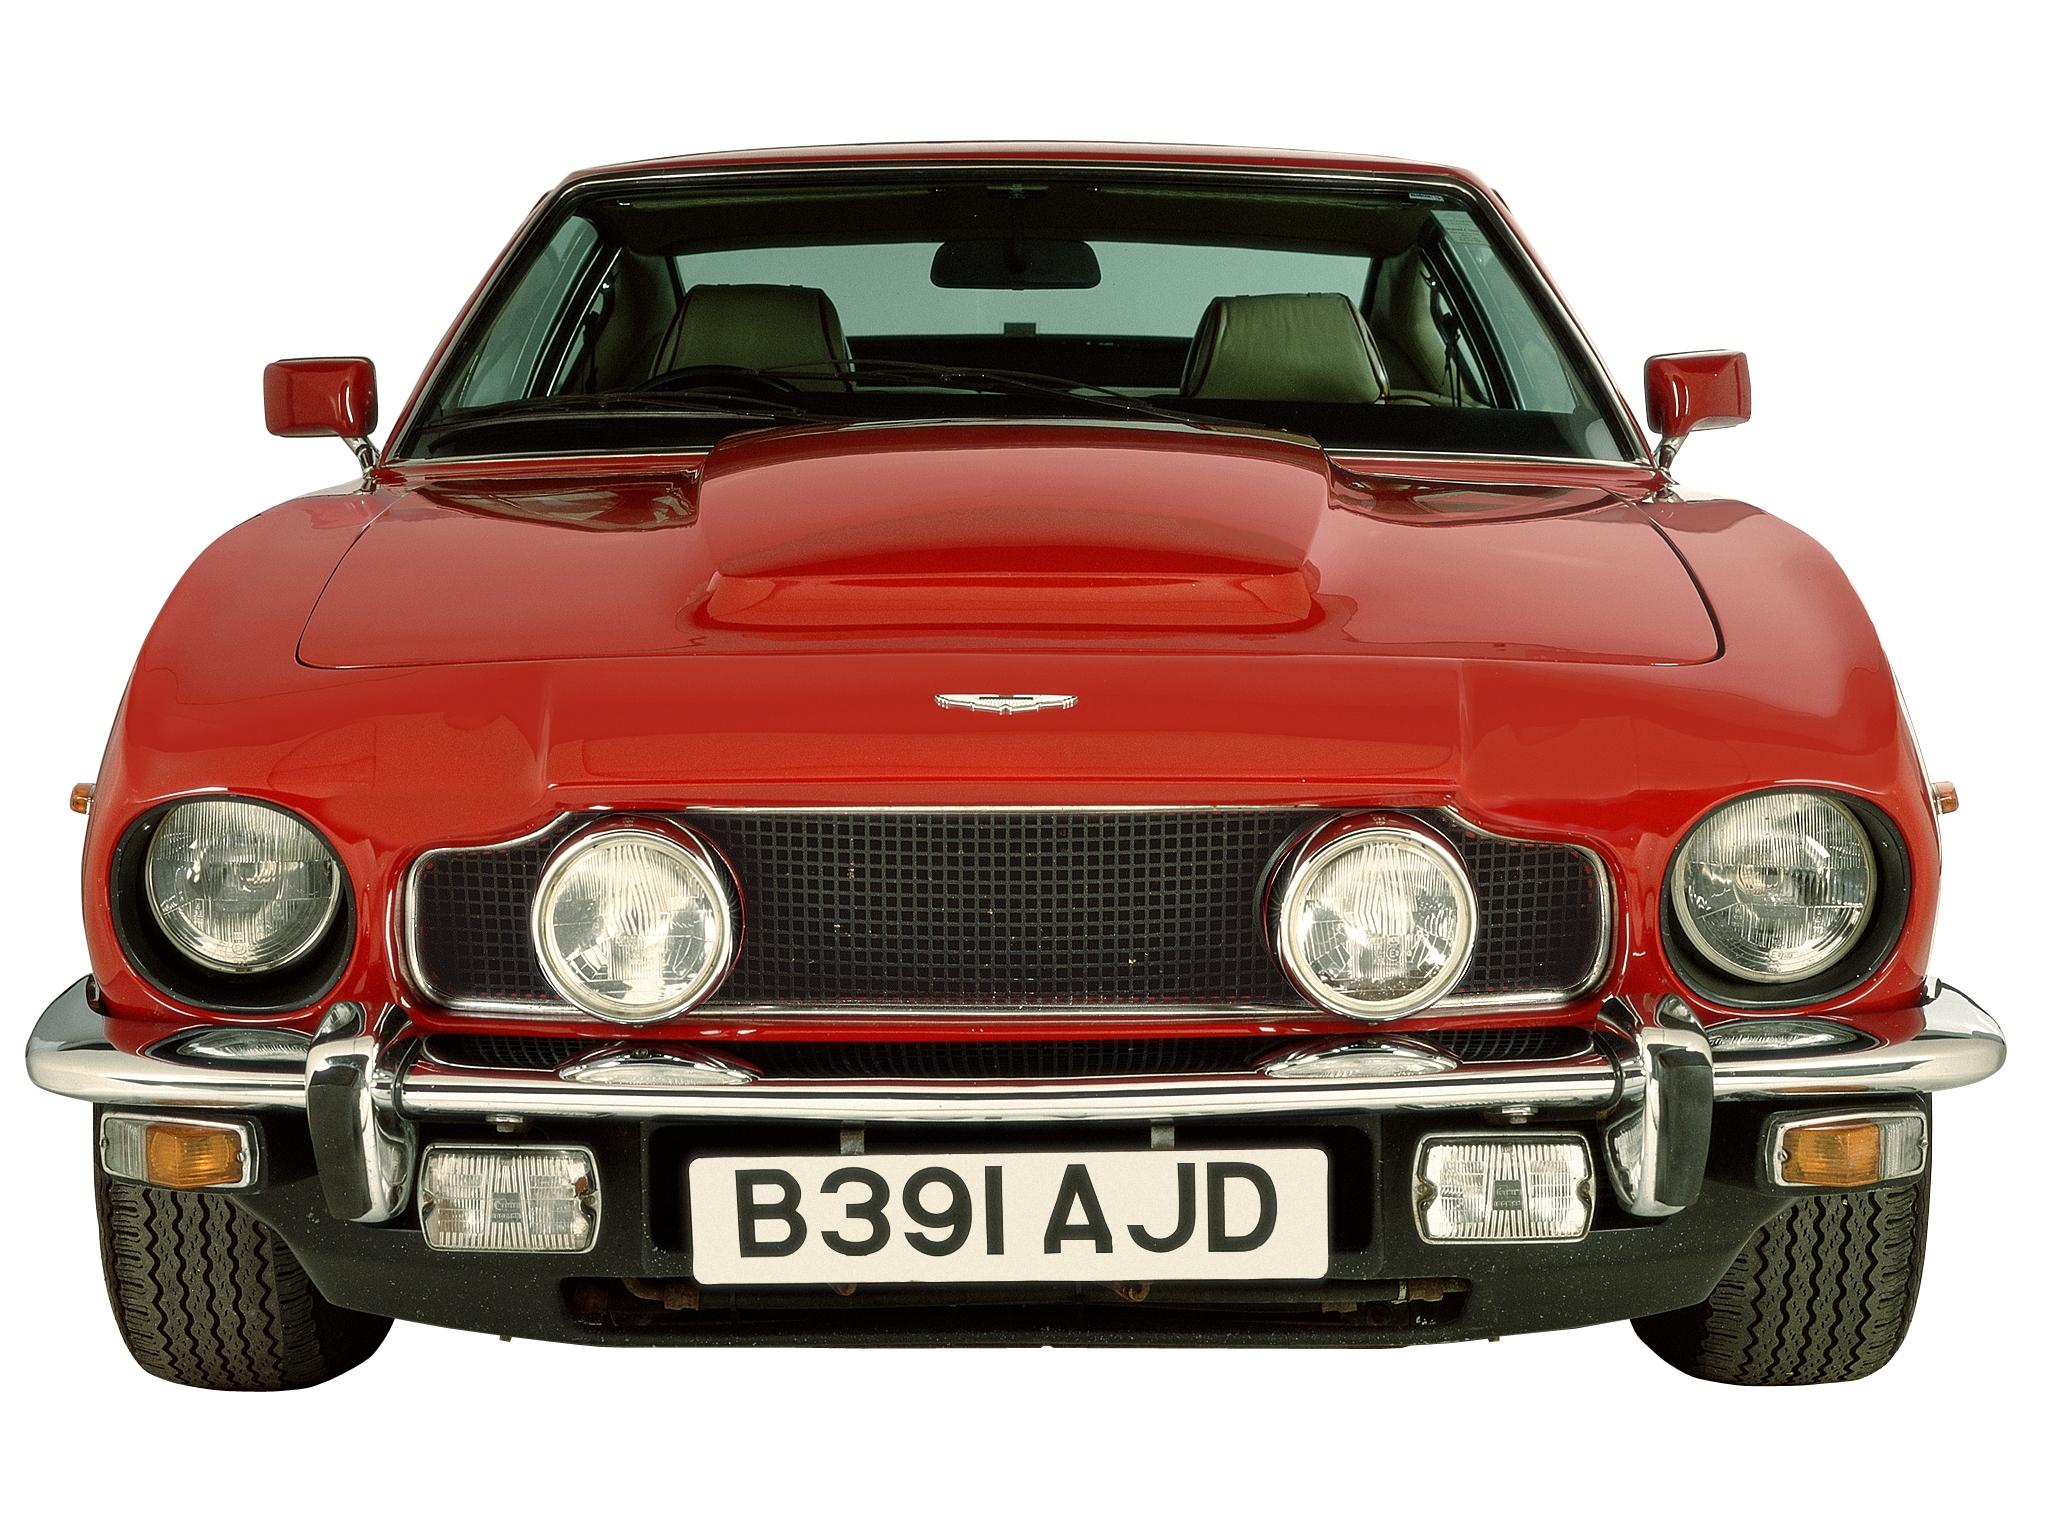 135611 скачать обои Машины, Астон Мартин (Aston Martin), Тачки (Cars), Красный, Вид Спереди, Ретро, V8, 1972, Saloon - заставки и картинки бесплатно